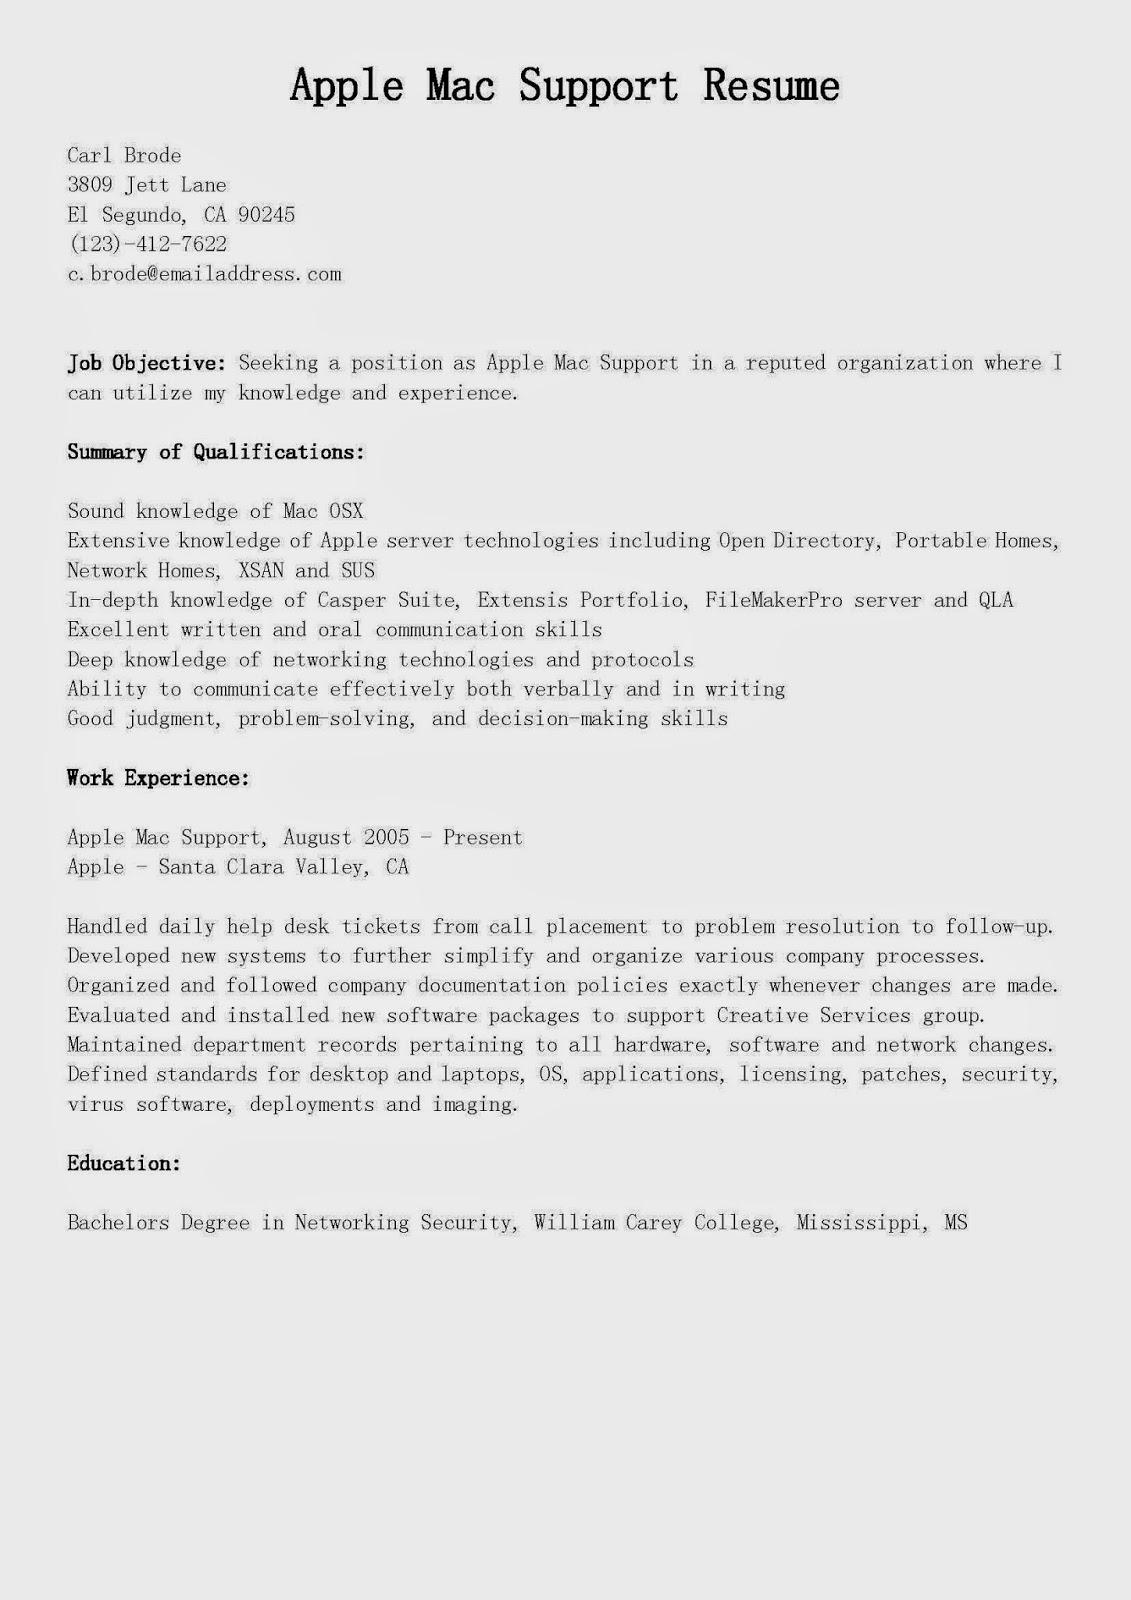 sample resume apple specialist